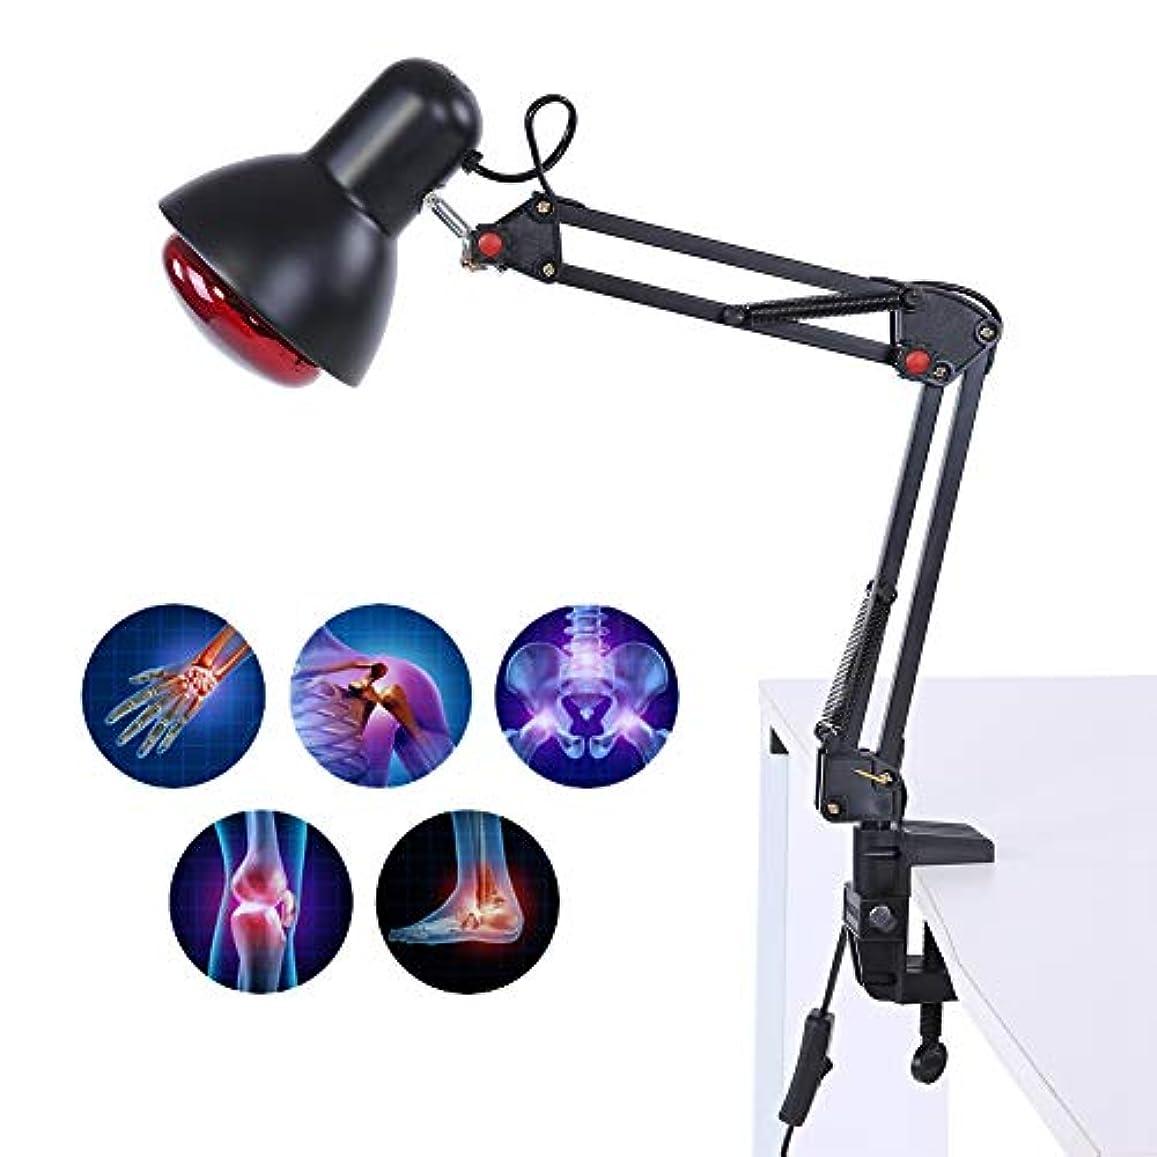 硬さ気晴らしドロップ赤外線ヒートマッサージランプ、関節の背中の筋肉痛の軽減のためのローリングホイール/クランプ付き調節可能な温度加熱ライトマッサージ(US-PLUG)